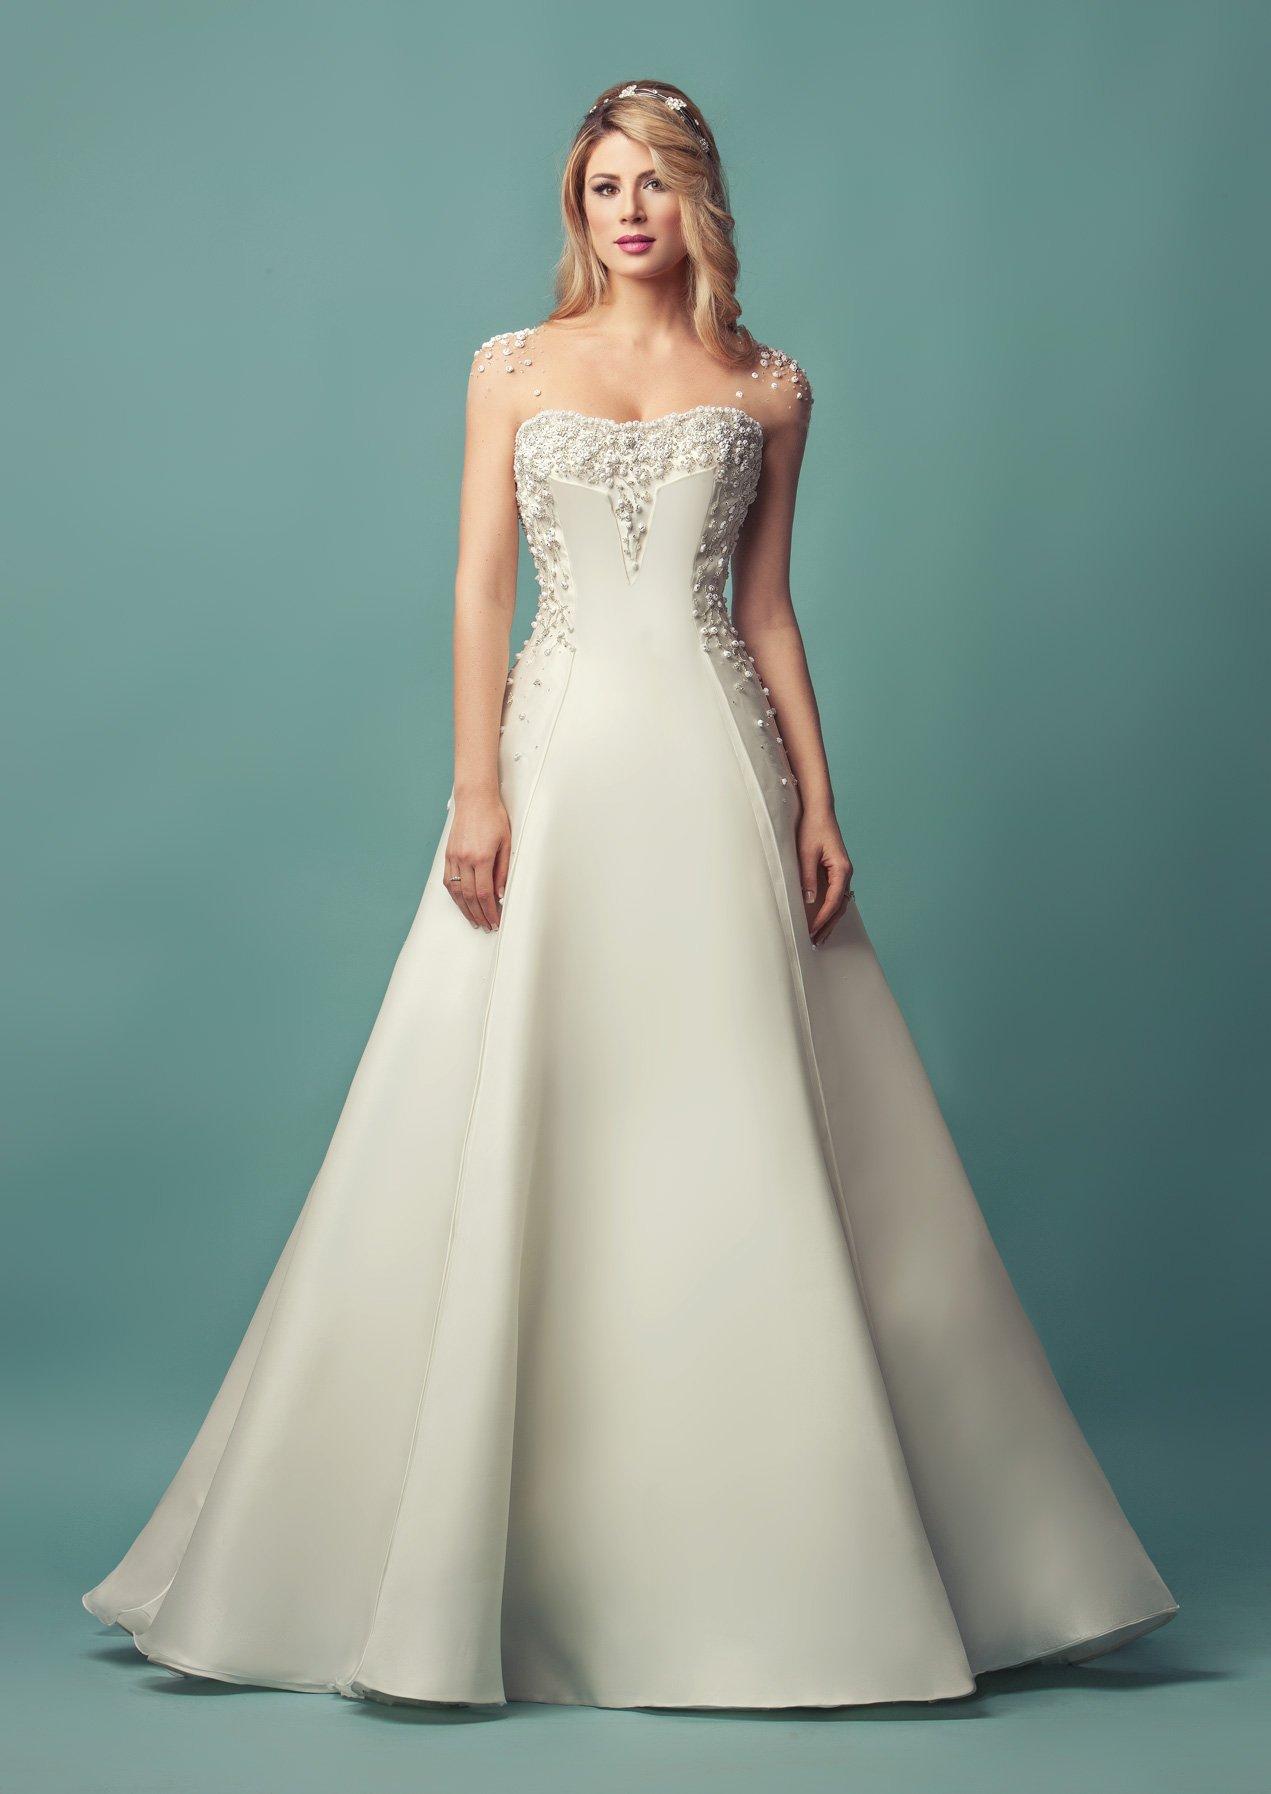 Romantici ed esclusivi  gli abiti della nuova collezione Glen Spose ... 7305e0f4a39